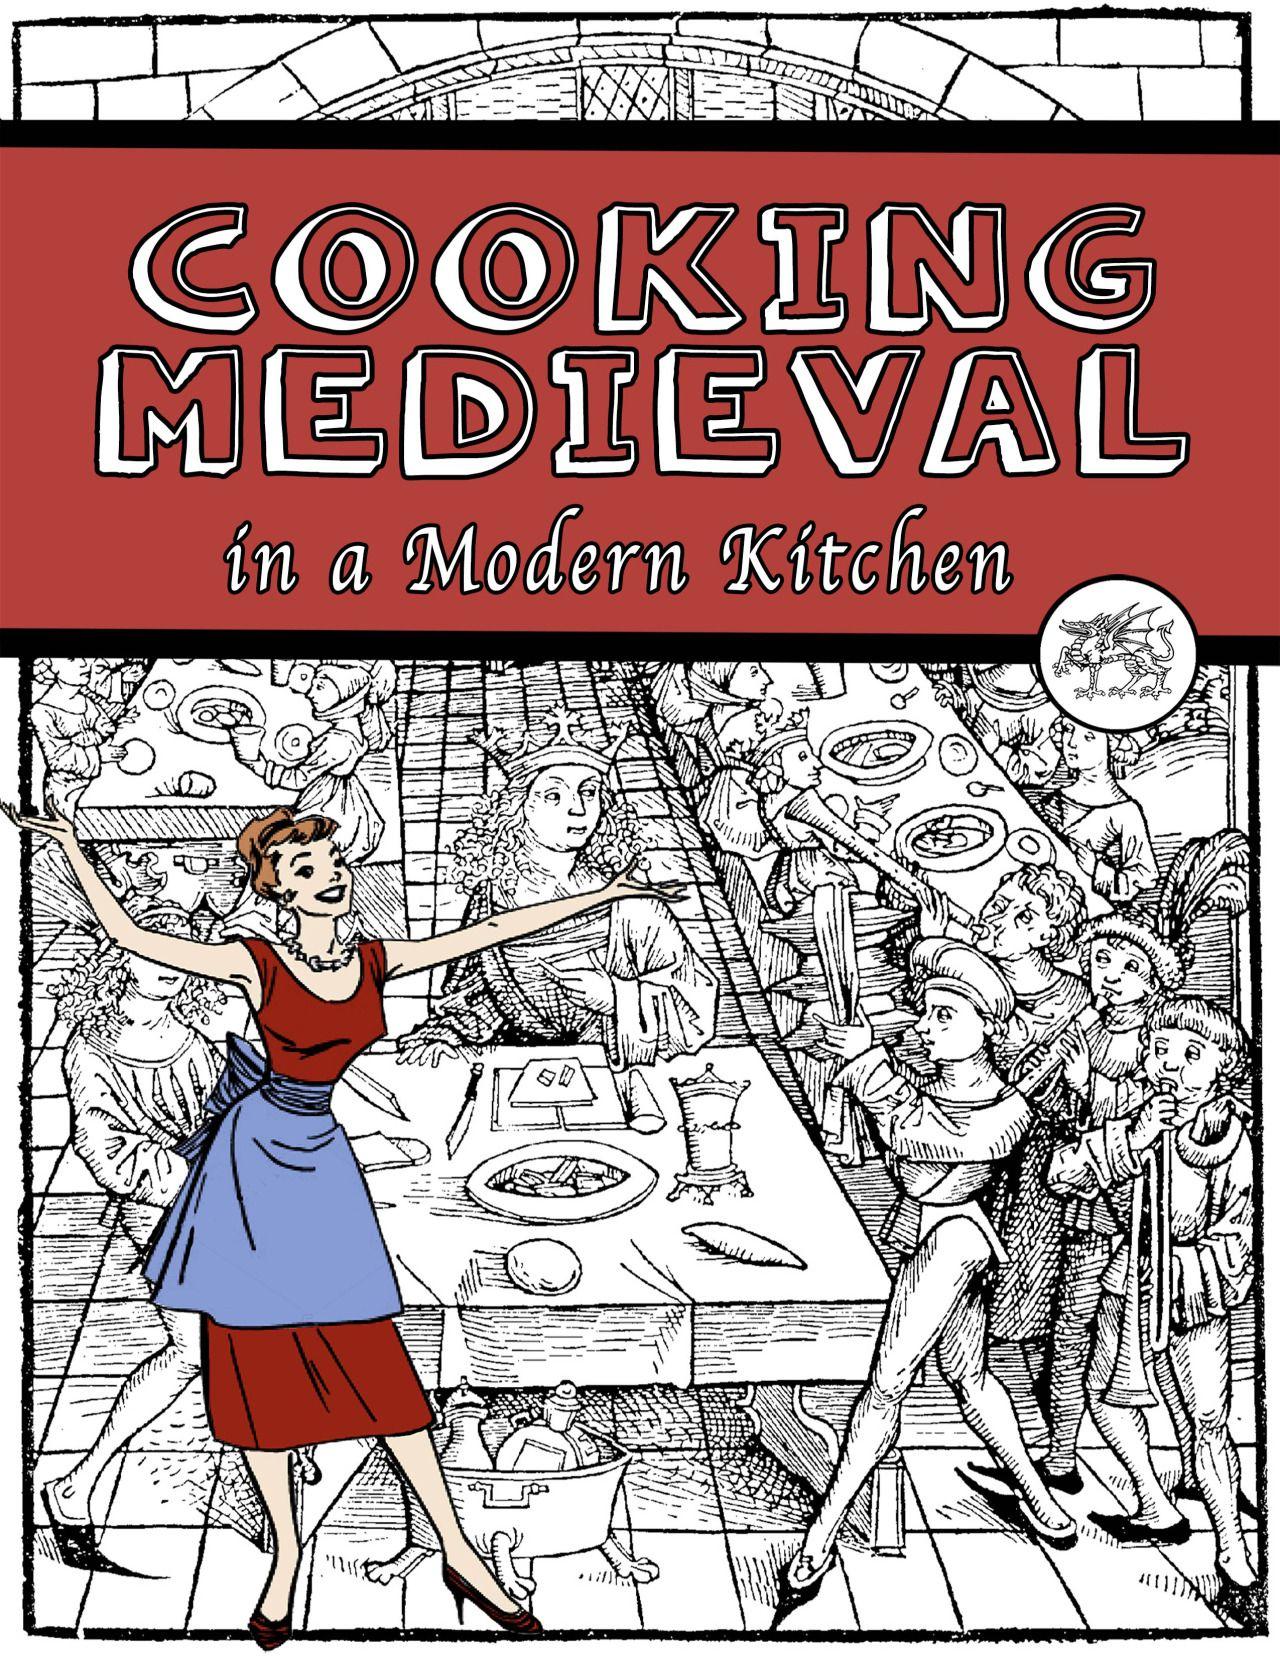 Medieval in a Modern Kitchen